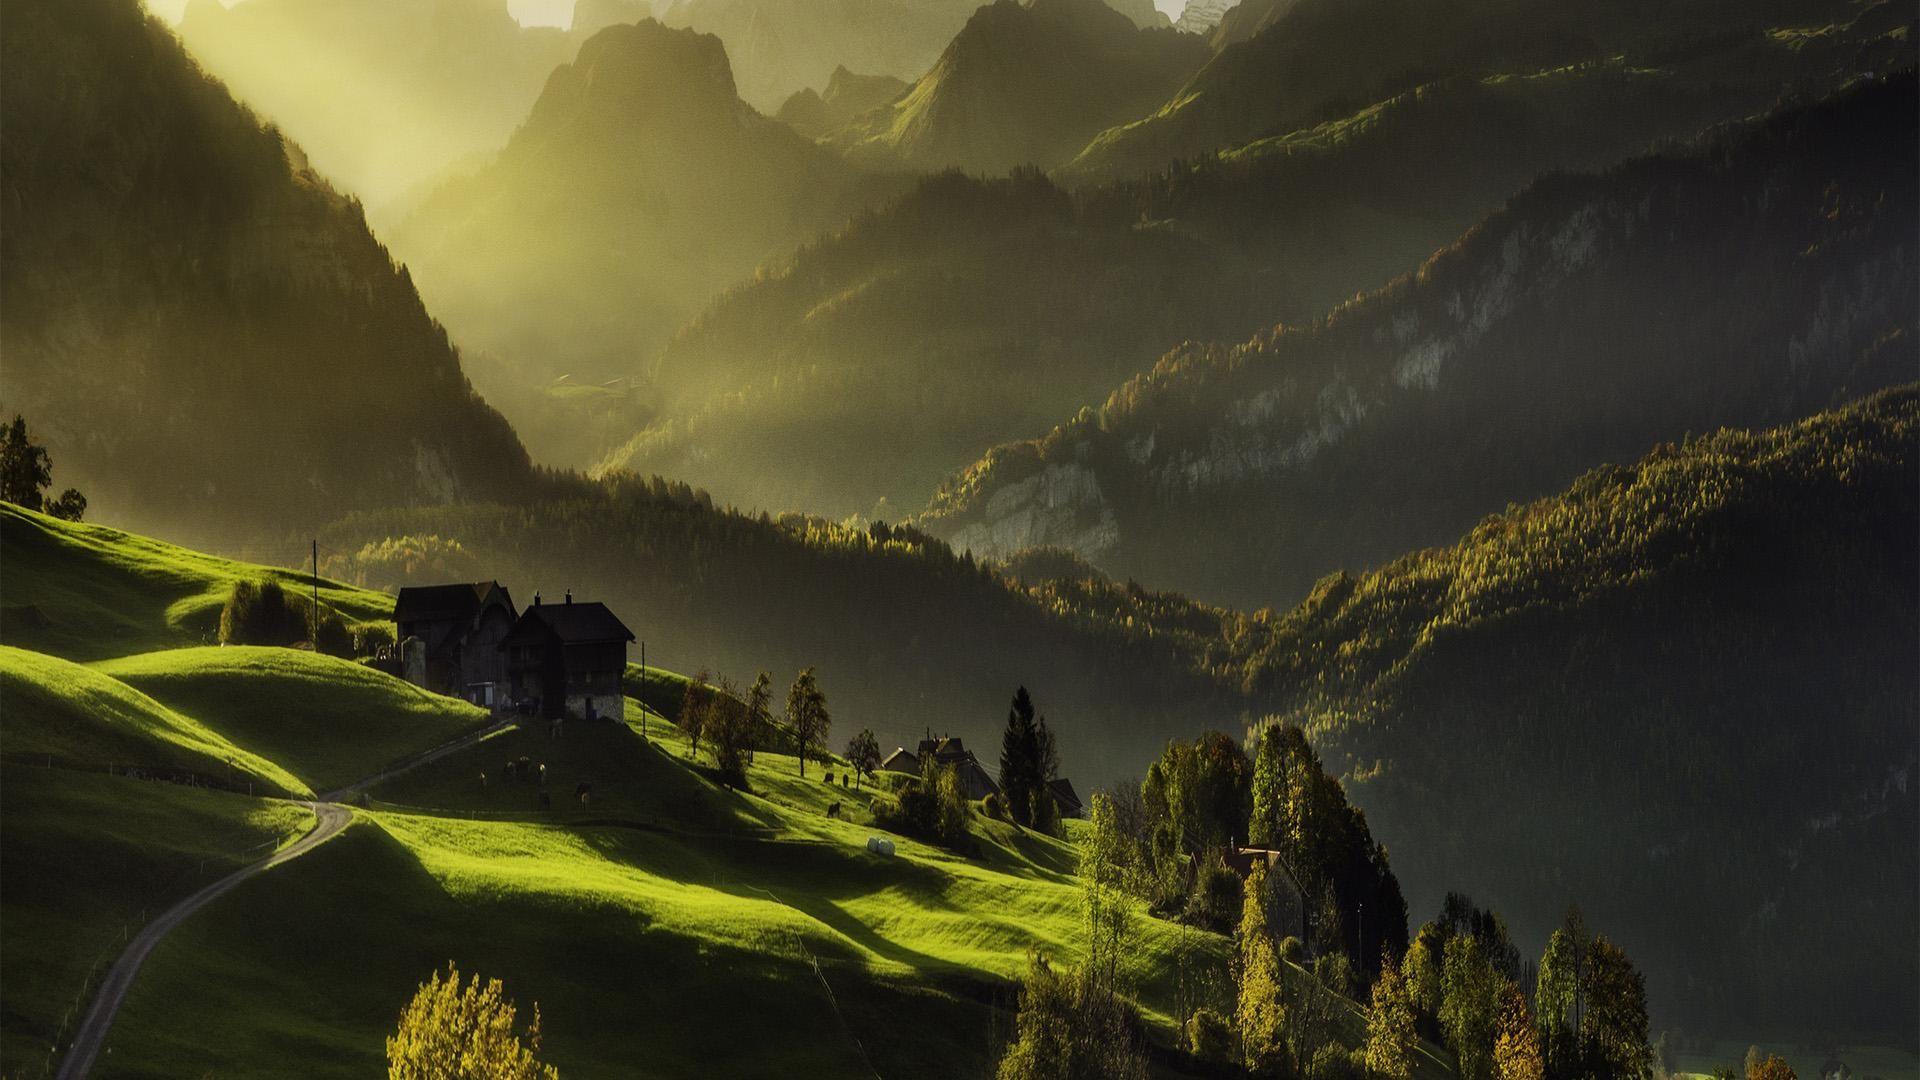 Landscape Hd Wallpapers 1080p: Best Landscape Hd Wallpapers 1080p On Wallpaper HD